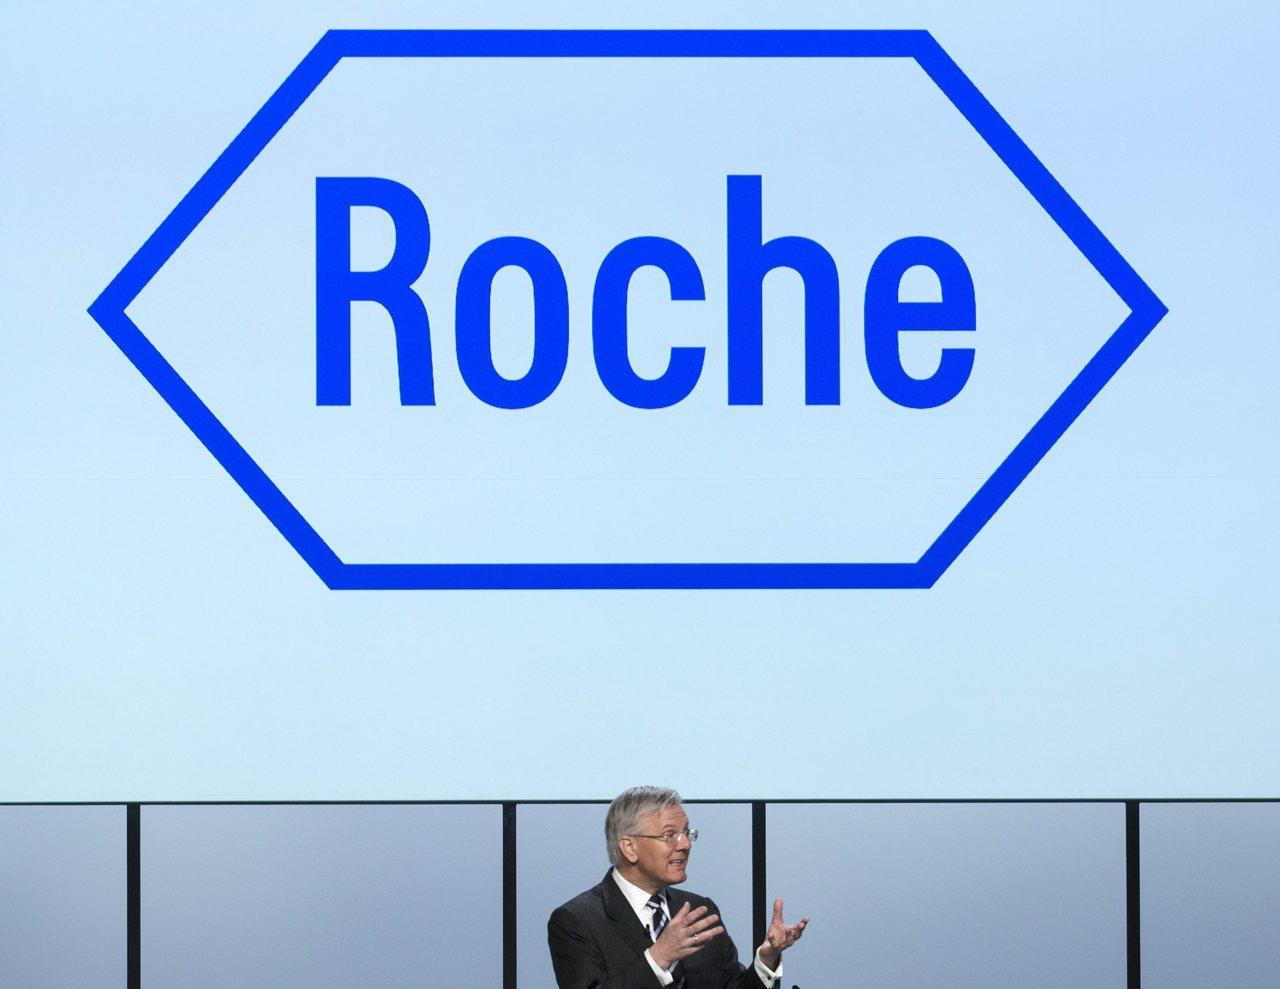 全球最大癌症藥廠羅氏(Roche)將砸17億美元,收購生產癌藥的美國生技公司Ig...